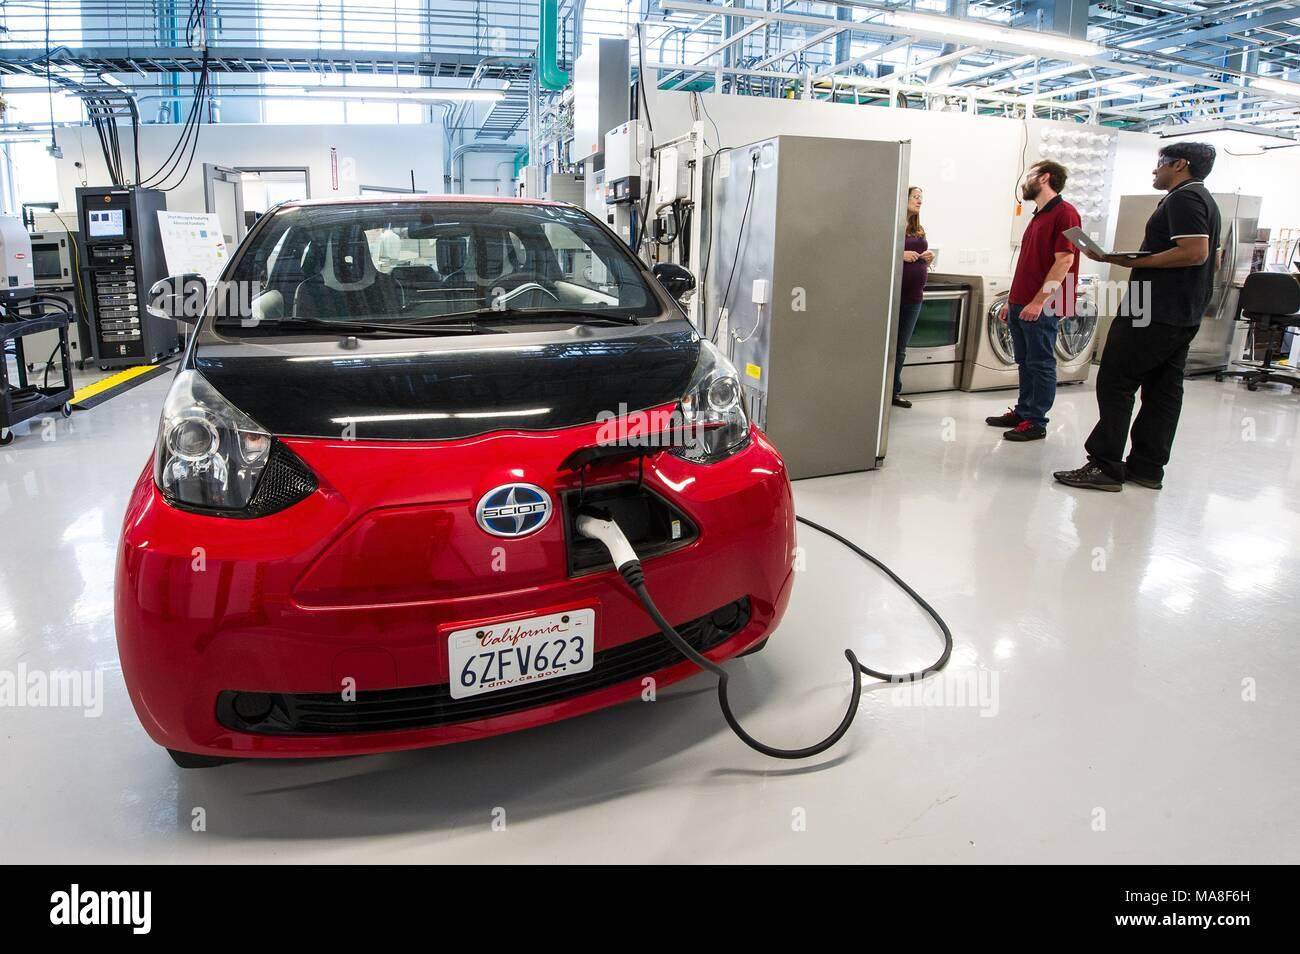 Nacional de Energía Renovable tres ingenieros trabajan en el vehículo eléctrico el suministro de equipamiento (EVSE) y PV inversor como parte de un 'smart-casa-en-el-loop experimento, ' con un rojo, Scion, Toyota coches eléctricos, estacionada en un laboratorio, en el rendimiento de los sistemas de laboratorio en la integración de sistemas de energía Facility (ESIF), Imagen cortesía del Departamento de Energía de EE.UU., 11 de julio de 2016. () Foto de stock